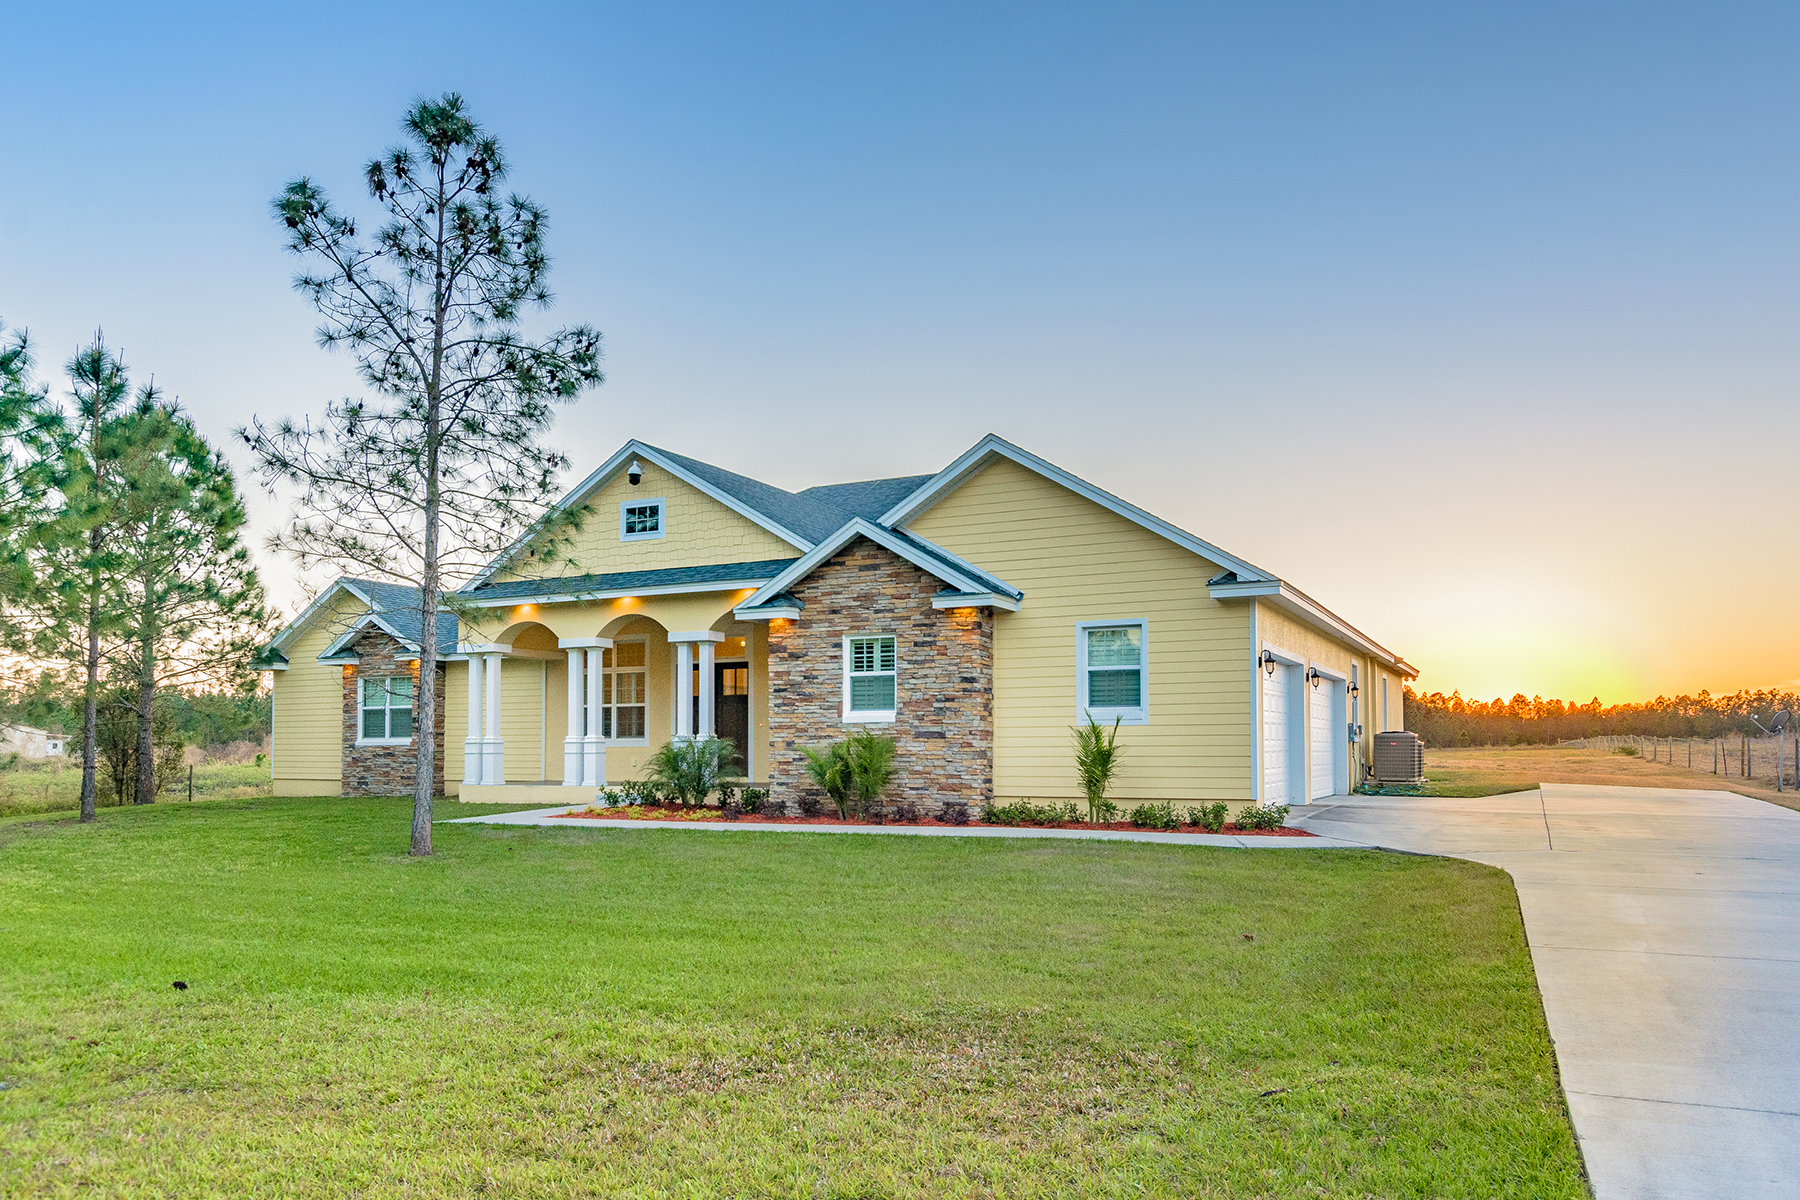 Частный односемейный дом для того Продажа на 12525 Sweet Hill Rd , Polk City, FL 33868 12525 Sweet Hill Rd Polk City, Флорида 33868 Соединенные Штаты